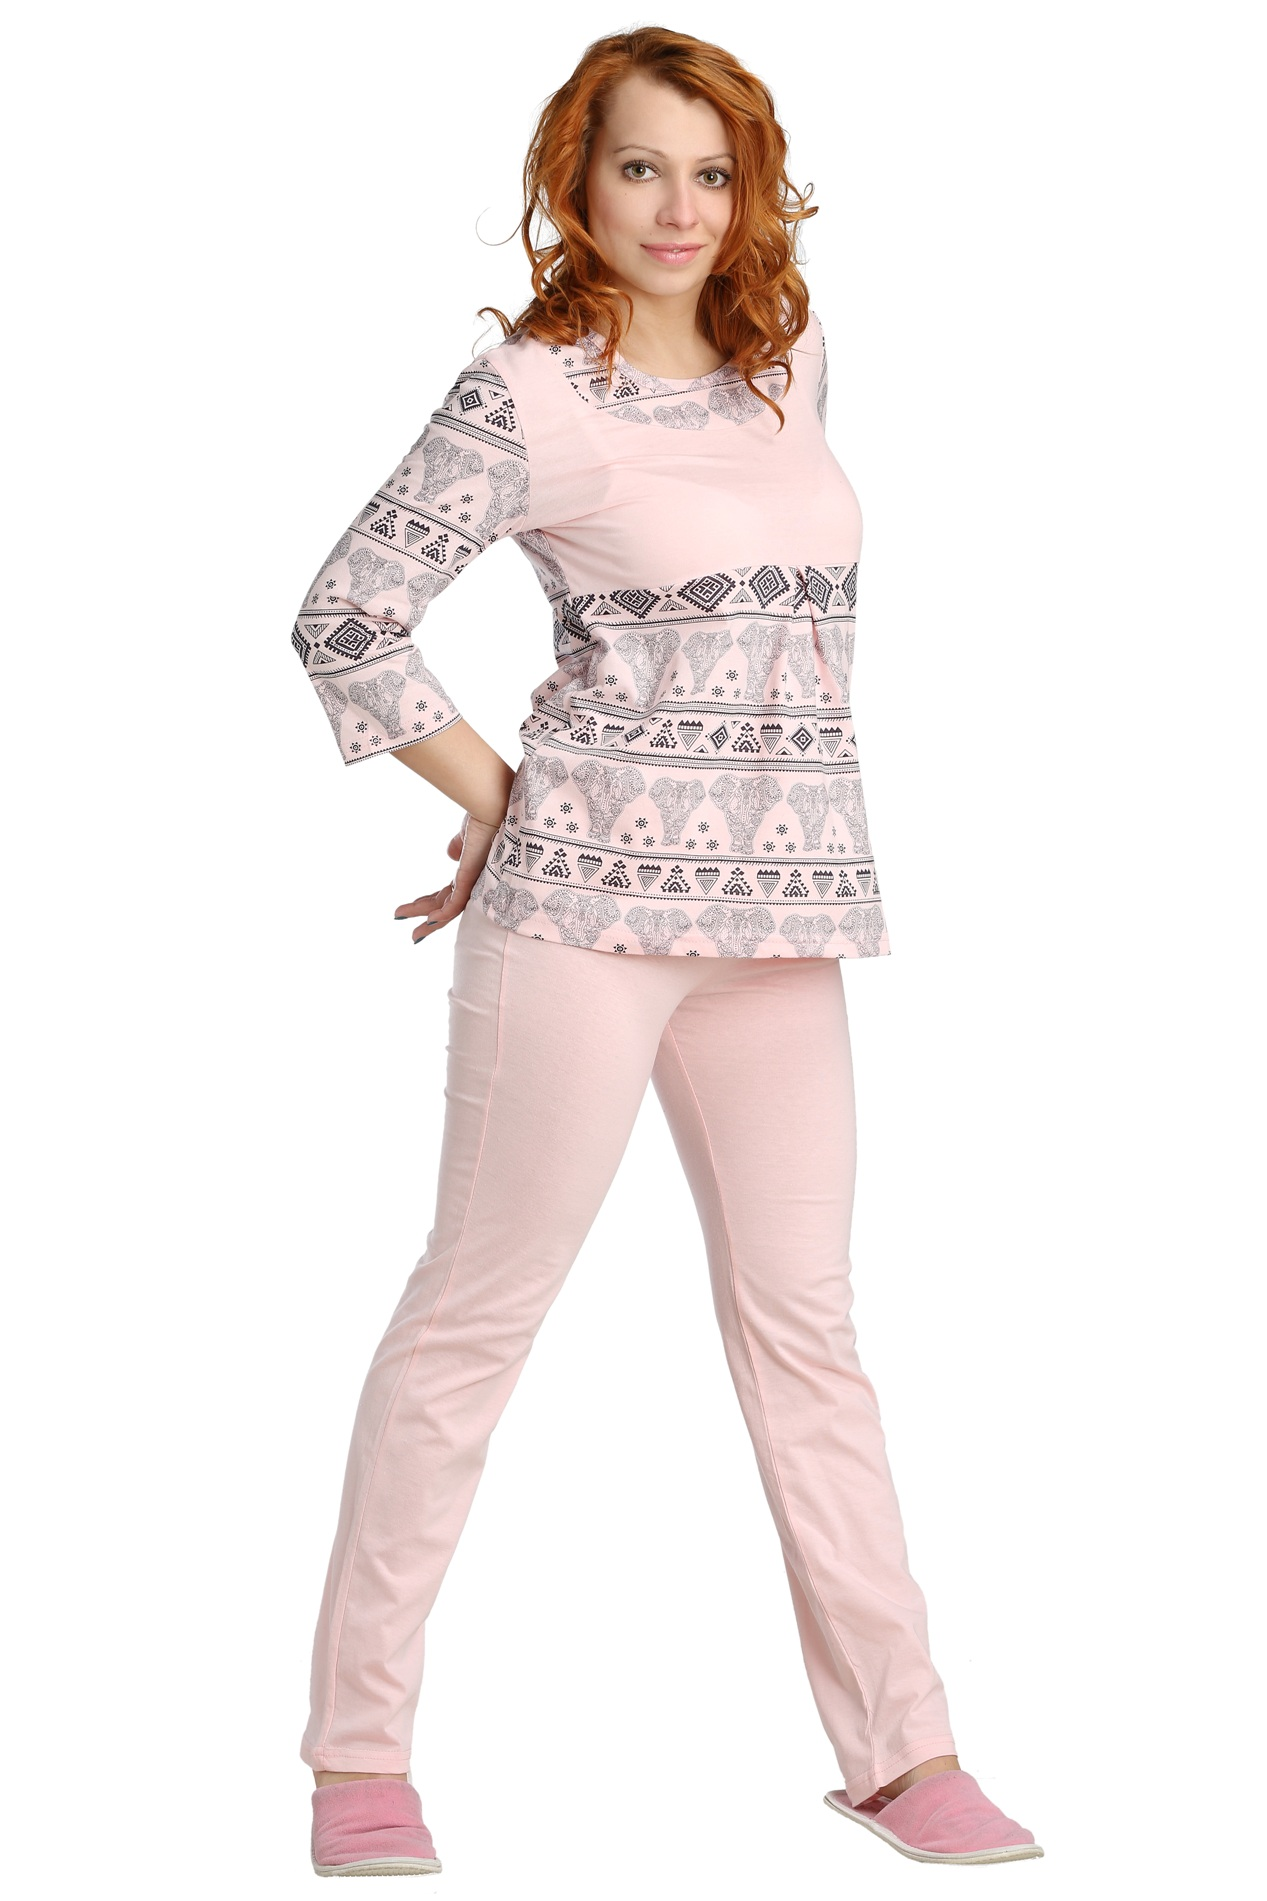 Жен. пижама арт. 16-0087 Розовый р. 46Пижамы и ночные сорочки<br>Обхват груди:92 см<br>Обхват талии:73 см<br>Обхват бедер:100 см<br>Длина блузы по спинке:68 см<br>Длина брючин по внеш. шву:106 см<br>Рост:164-170 см<br><br>Тип: Жен. пижама<br>Размер: 46<br>Материал: Кулирка